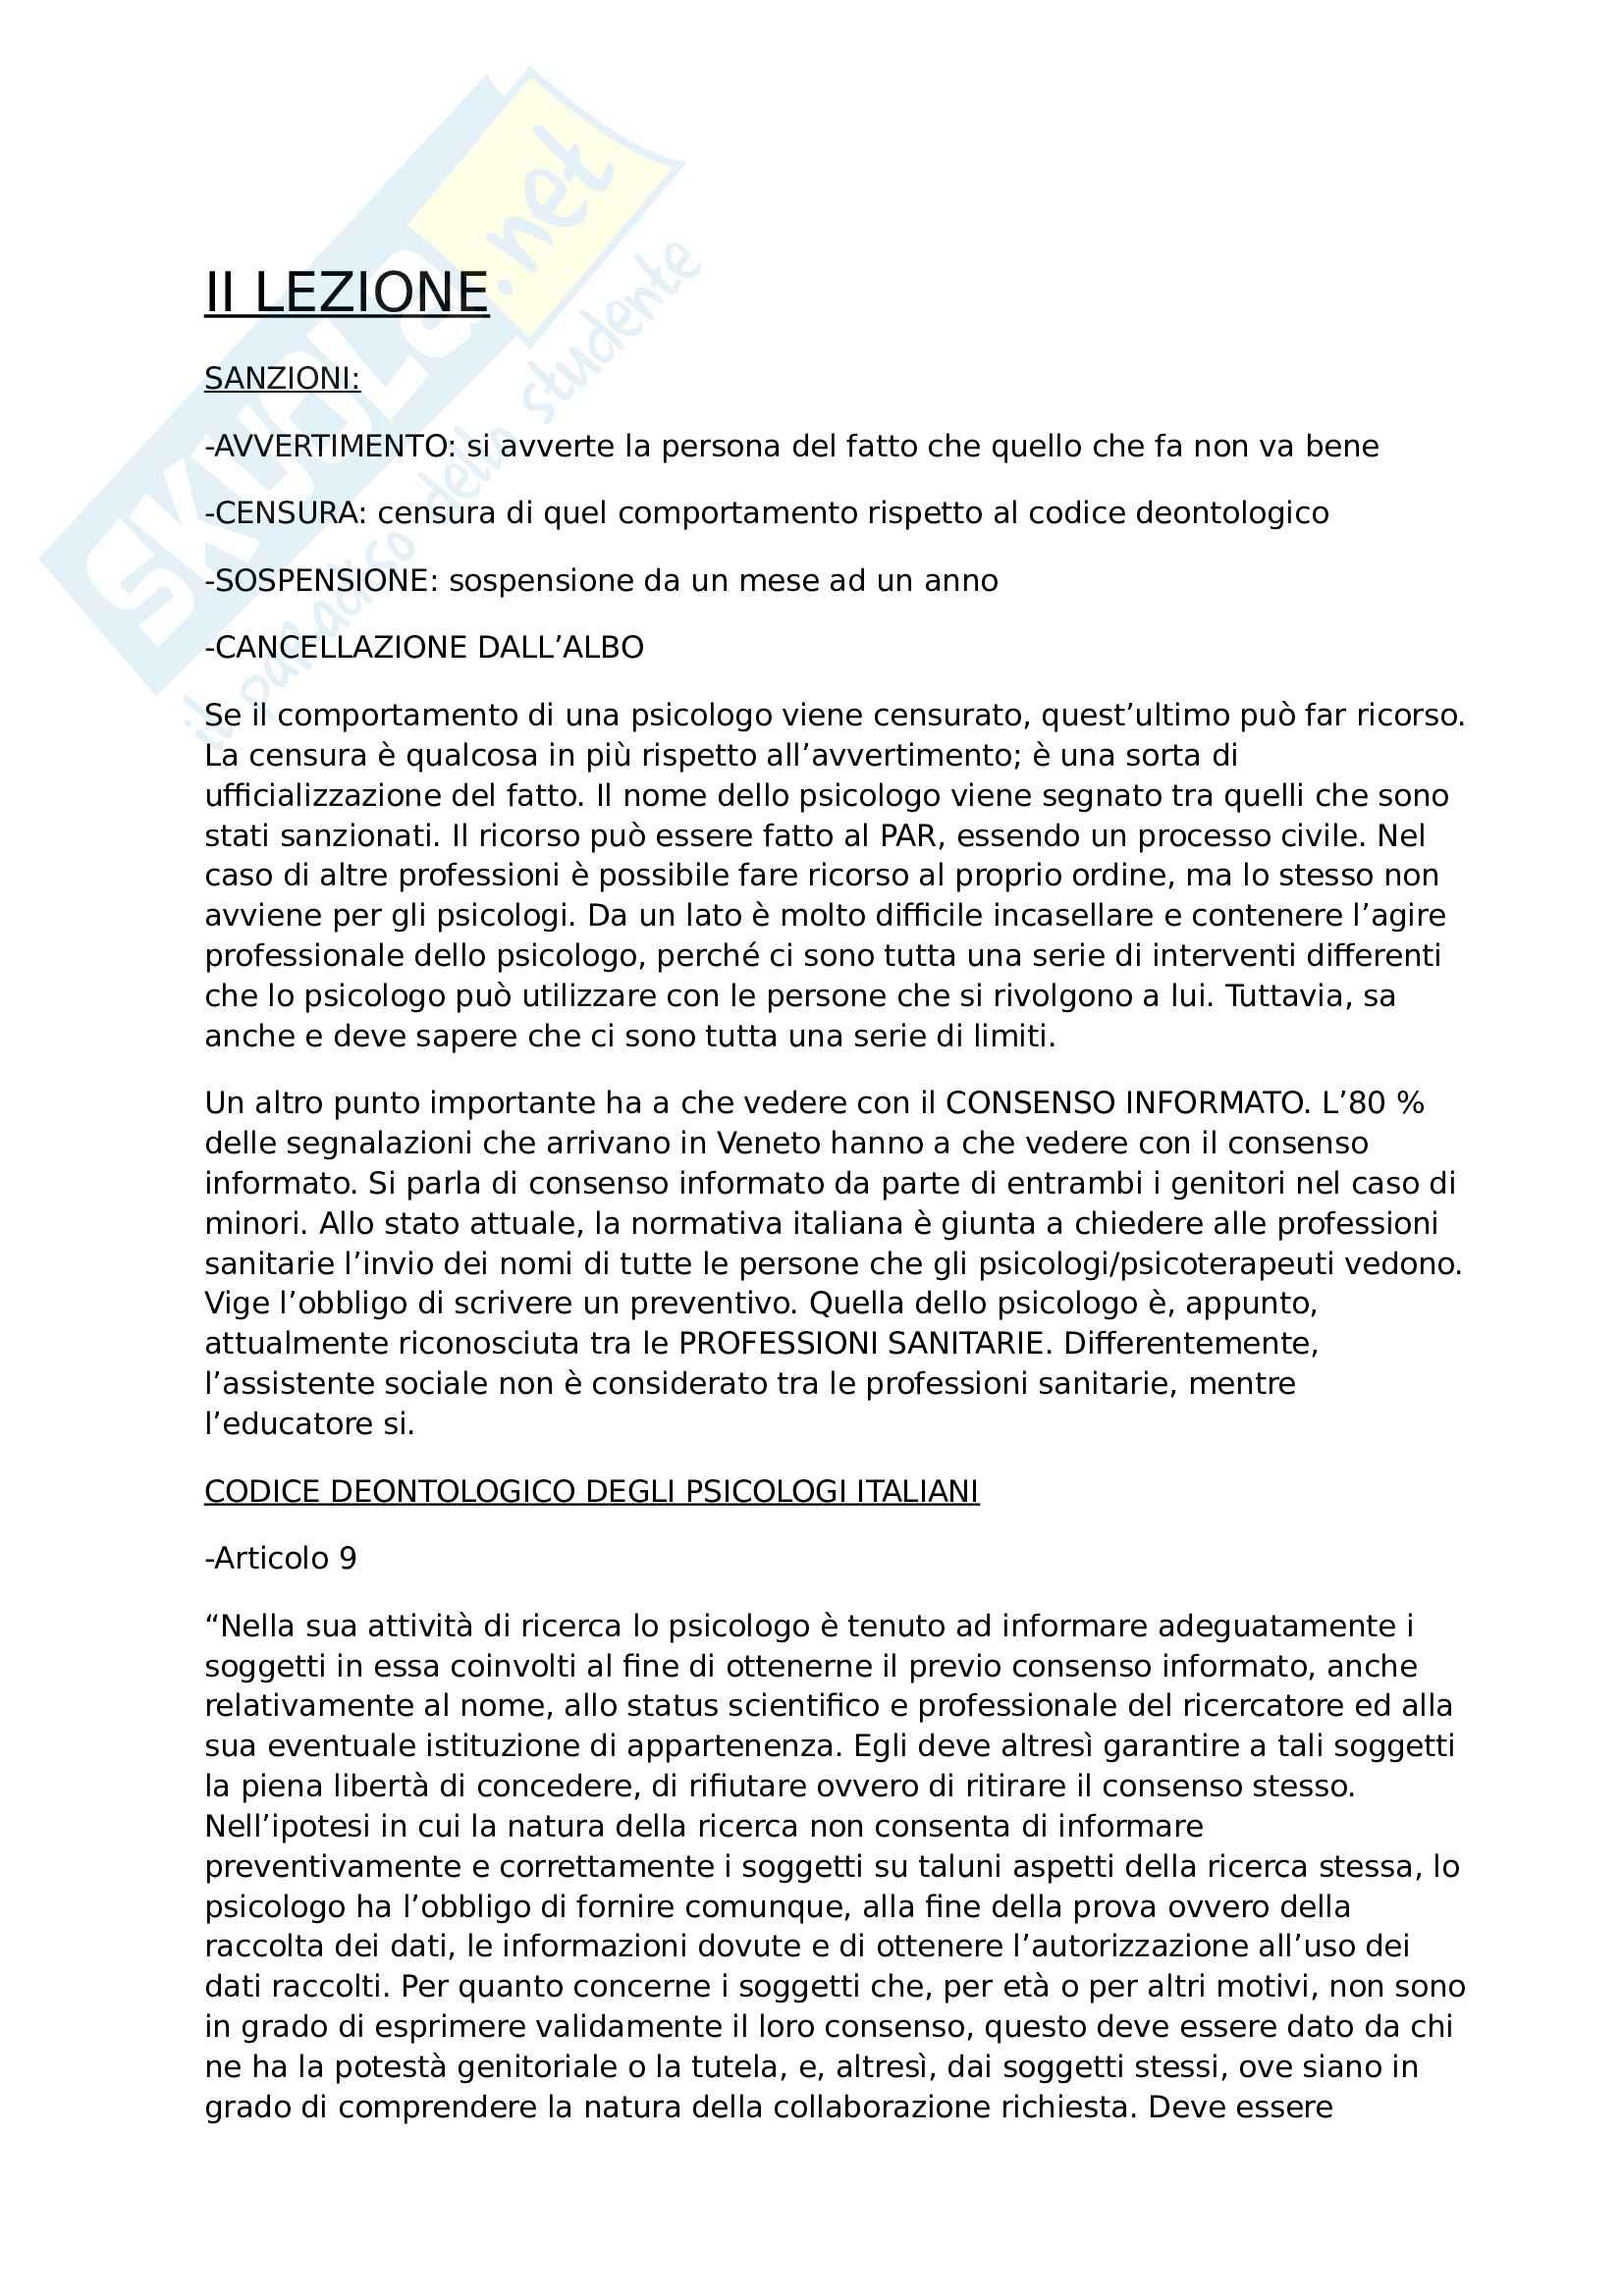 Appunti delle lezioni - Etica della ricerca e deontologia professionale Pag. 2